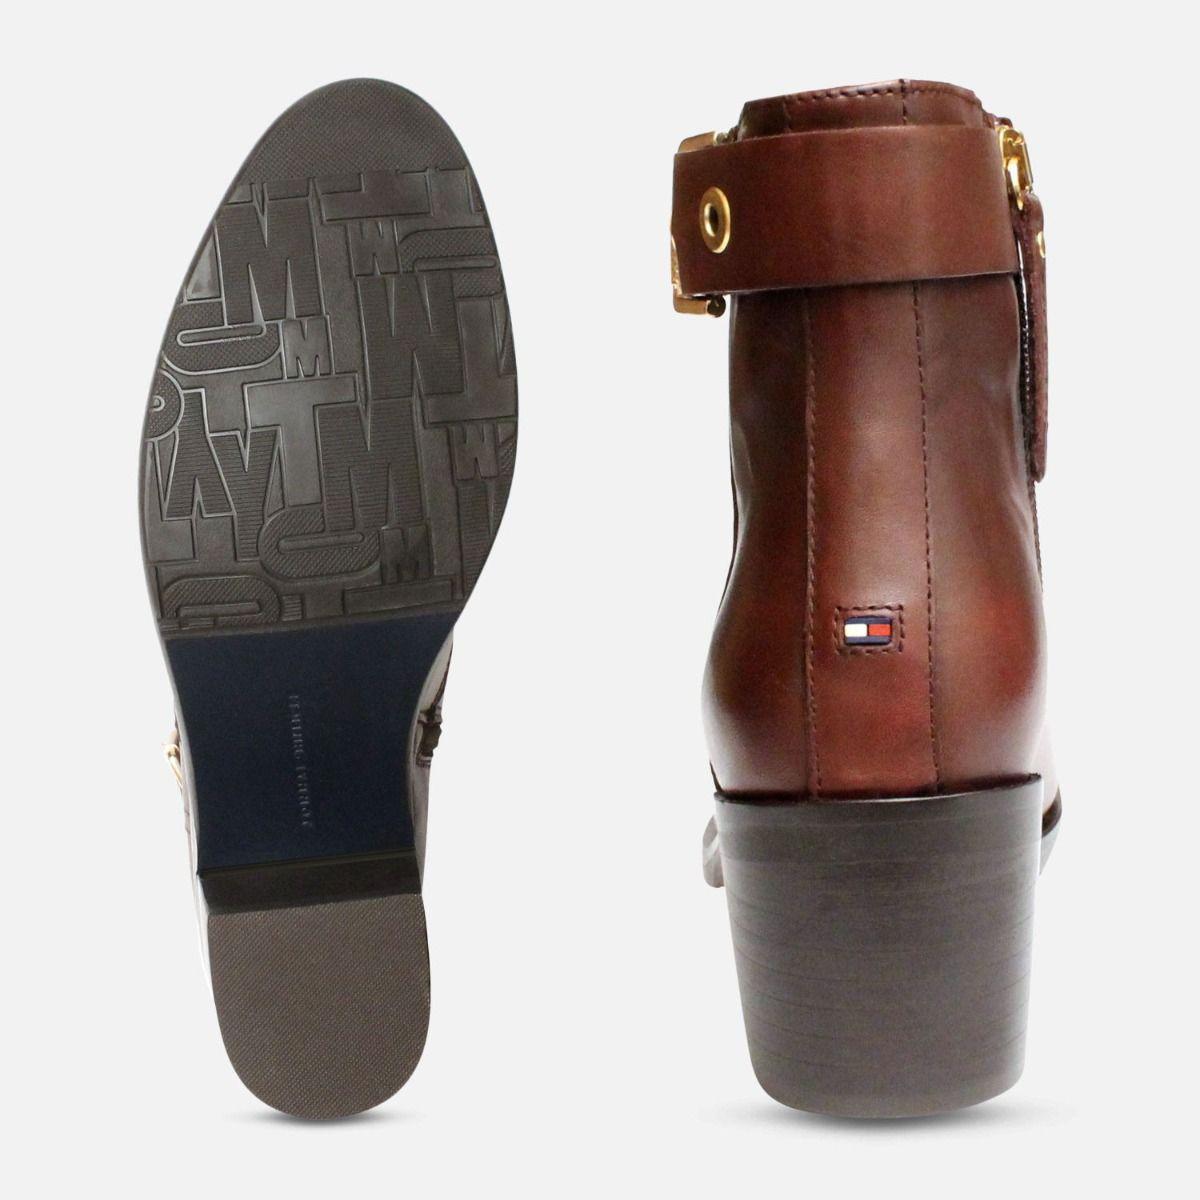 speziell für Schuh großer Rabatt Wählen Sie für echte Coffee Brown Tommy Hilfiger Parson Buckle Boots